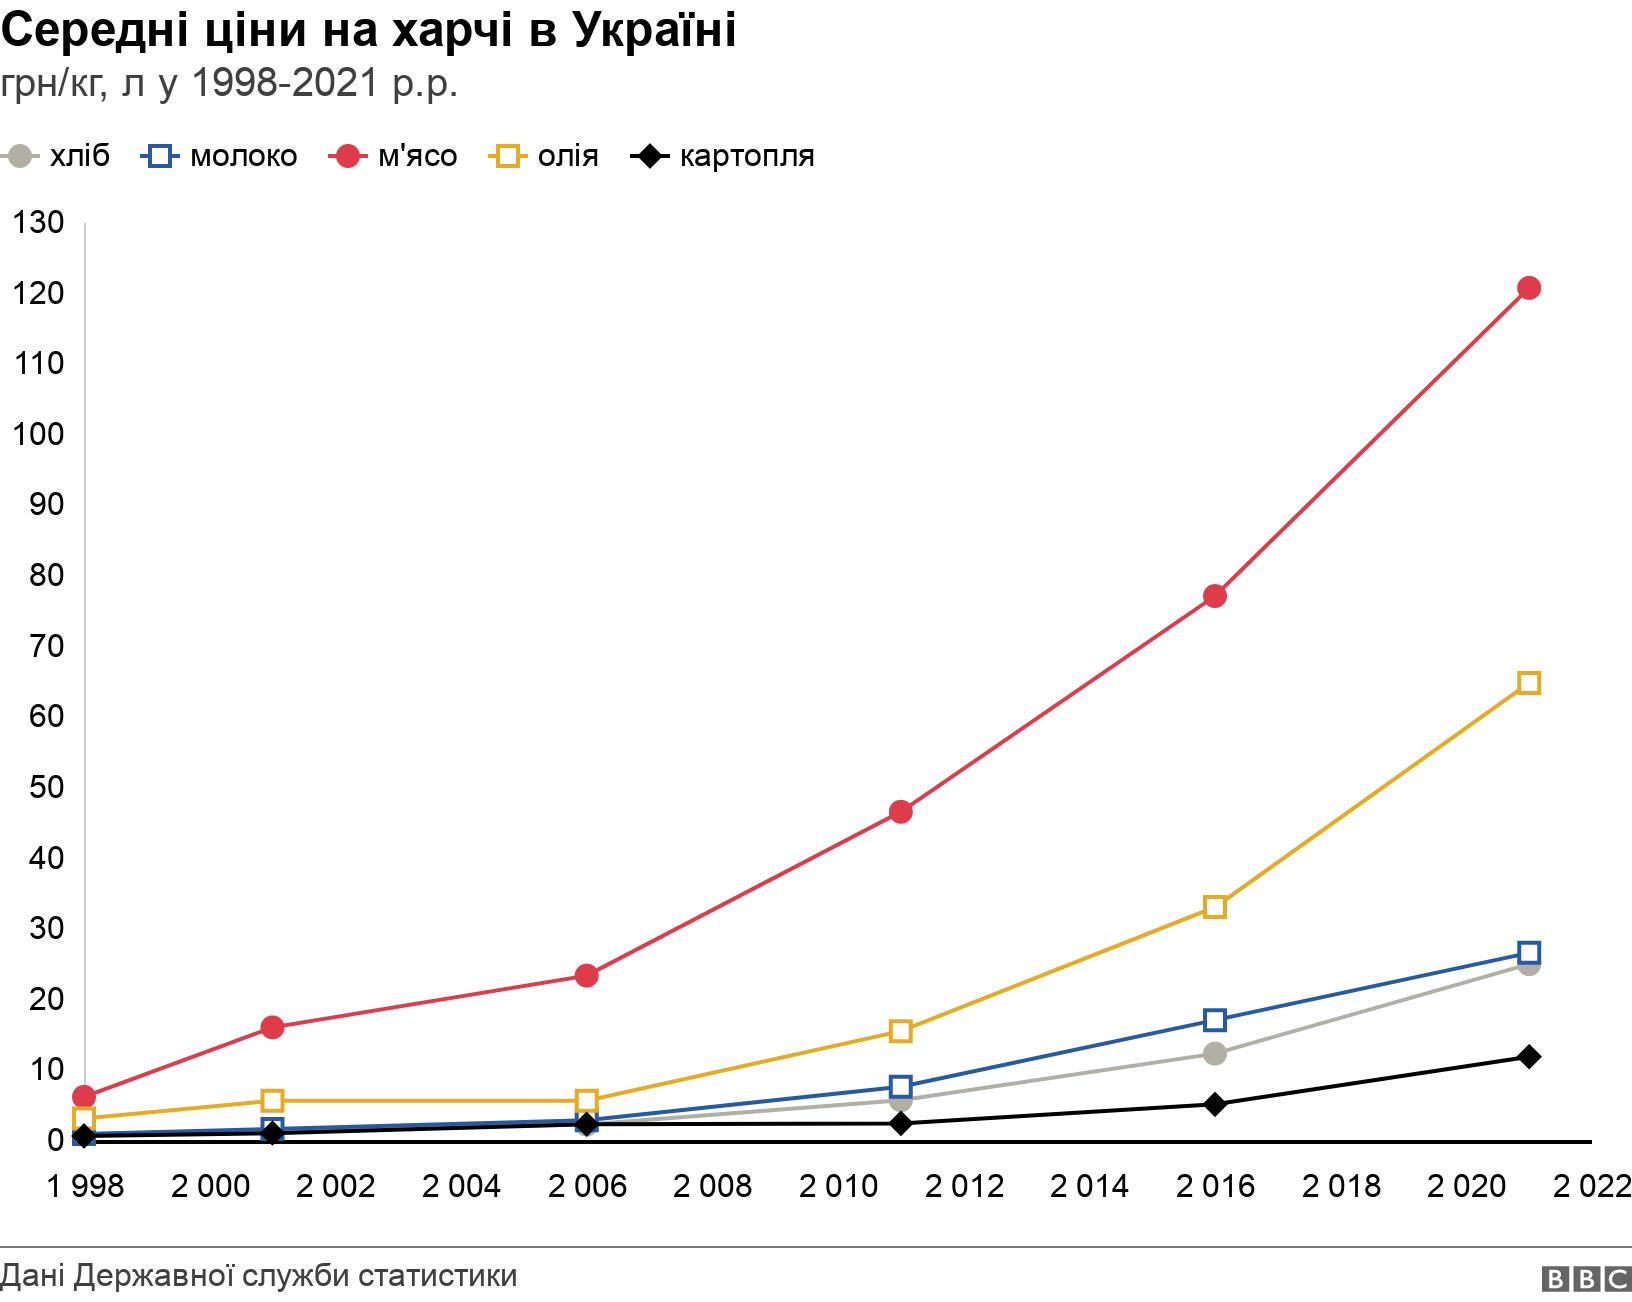 Середні ціни на харчі в Україні. грн/кг, л у 1998-2021 р.р.. середні ціни на хліб, молоко, м'ясо, олію та картоплю у 1998-2021 роках .